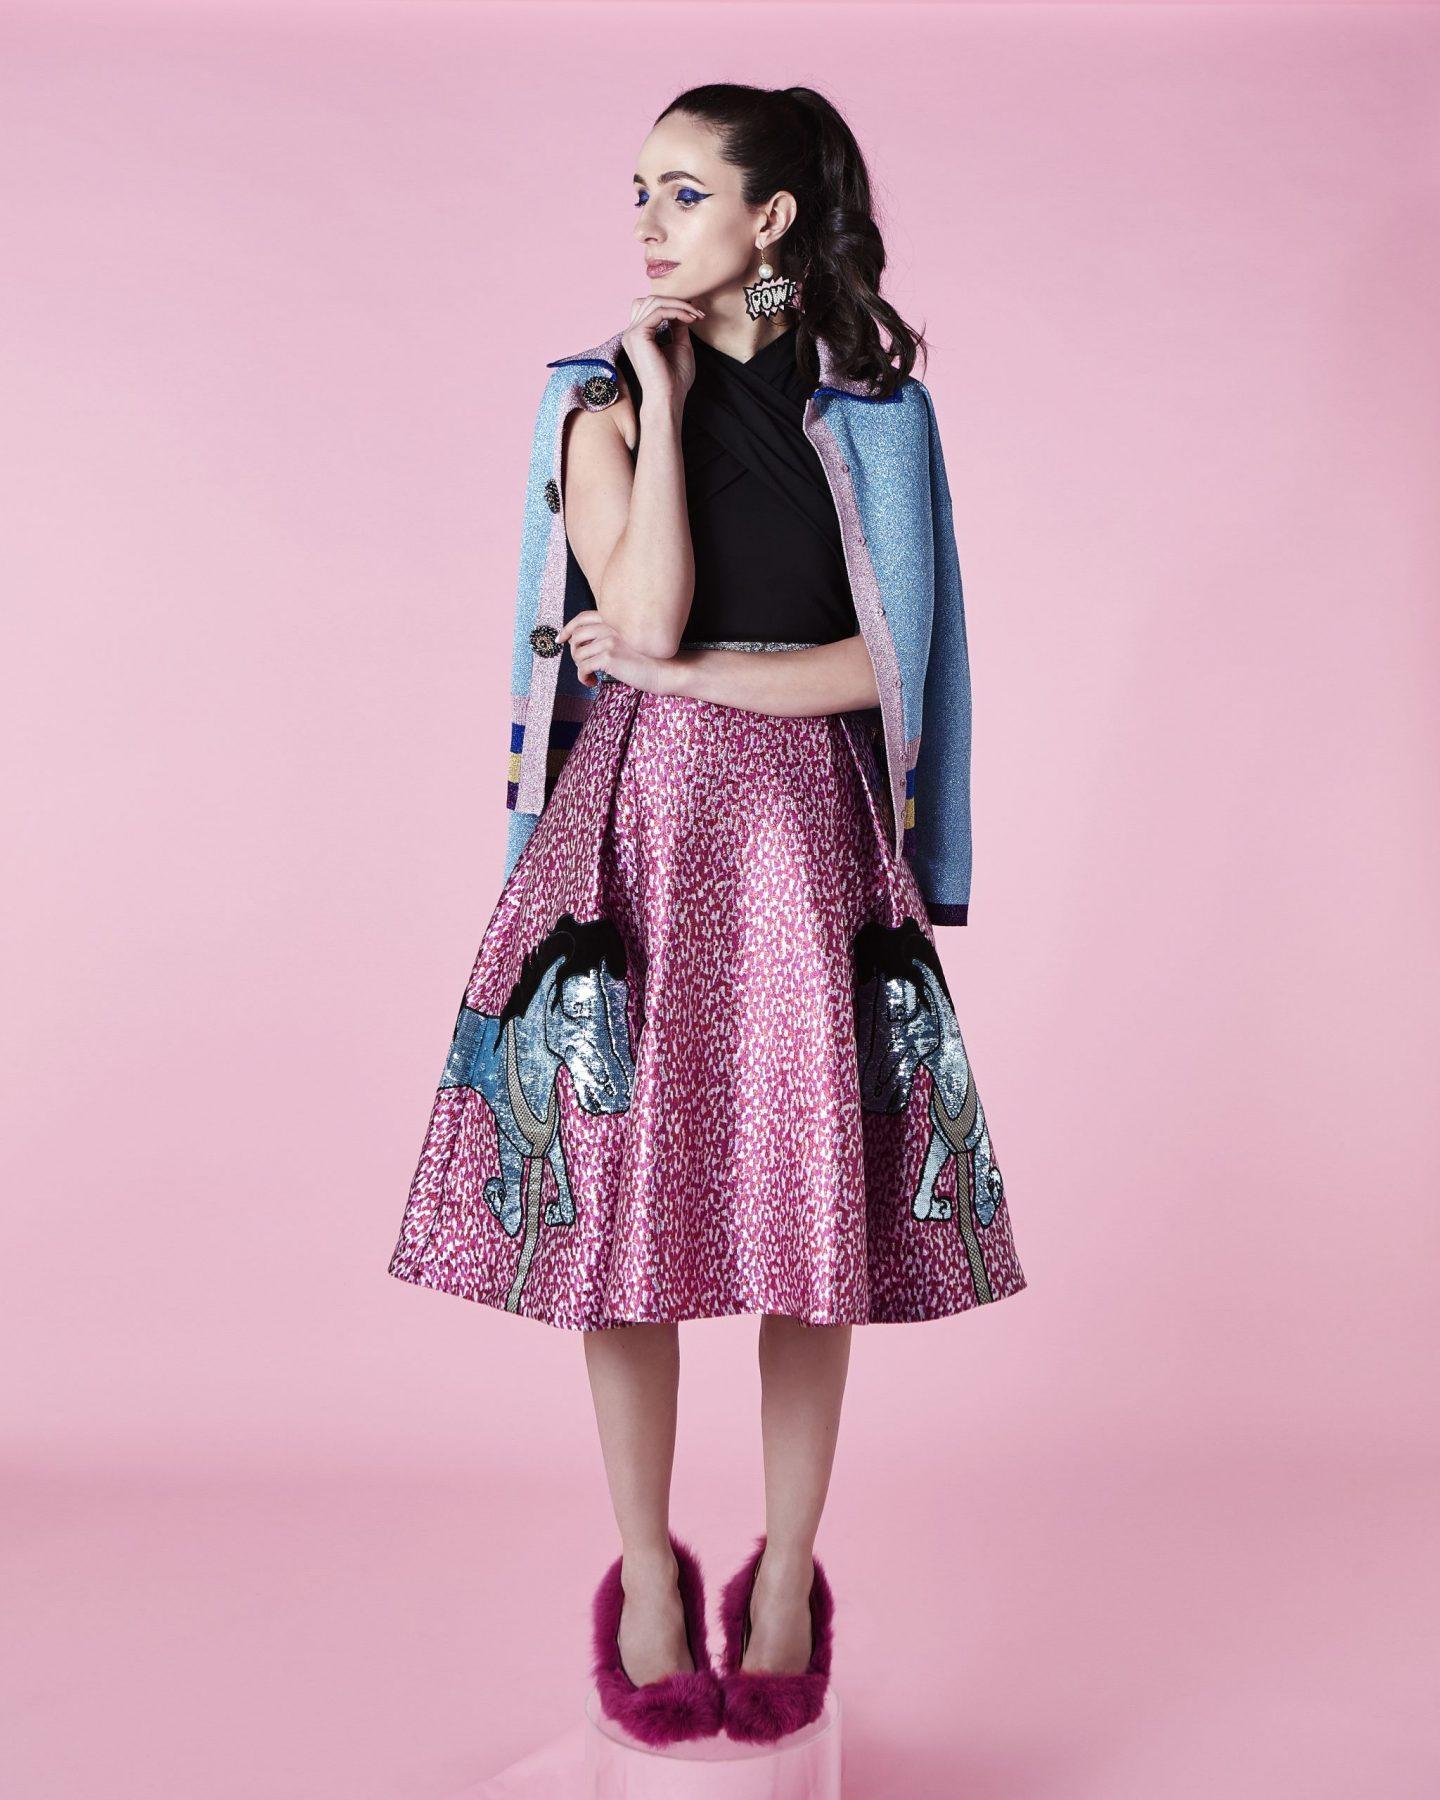 Joanne Hynes Carousel Dress